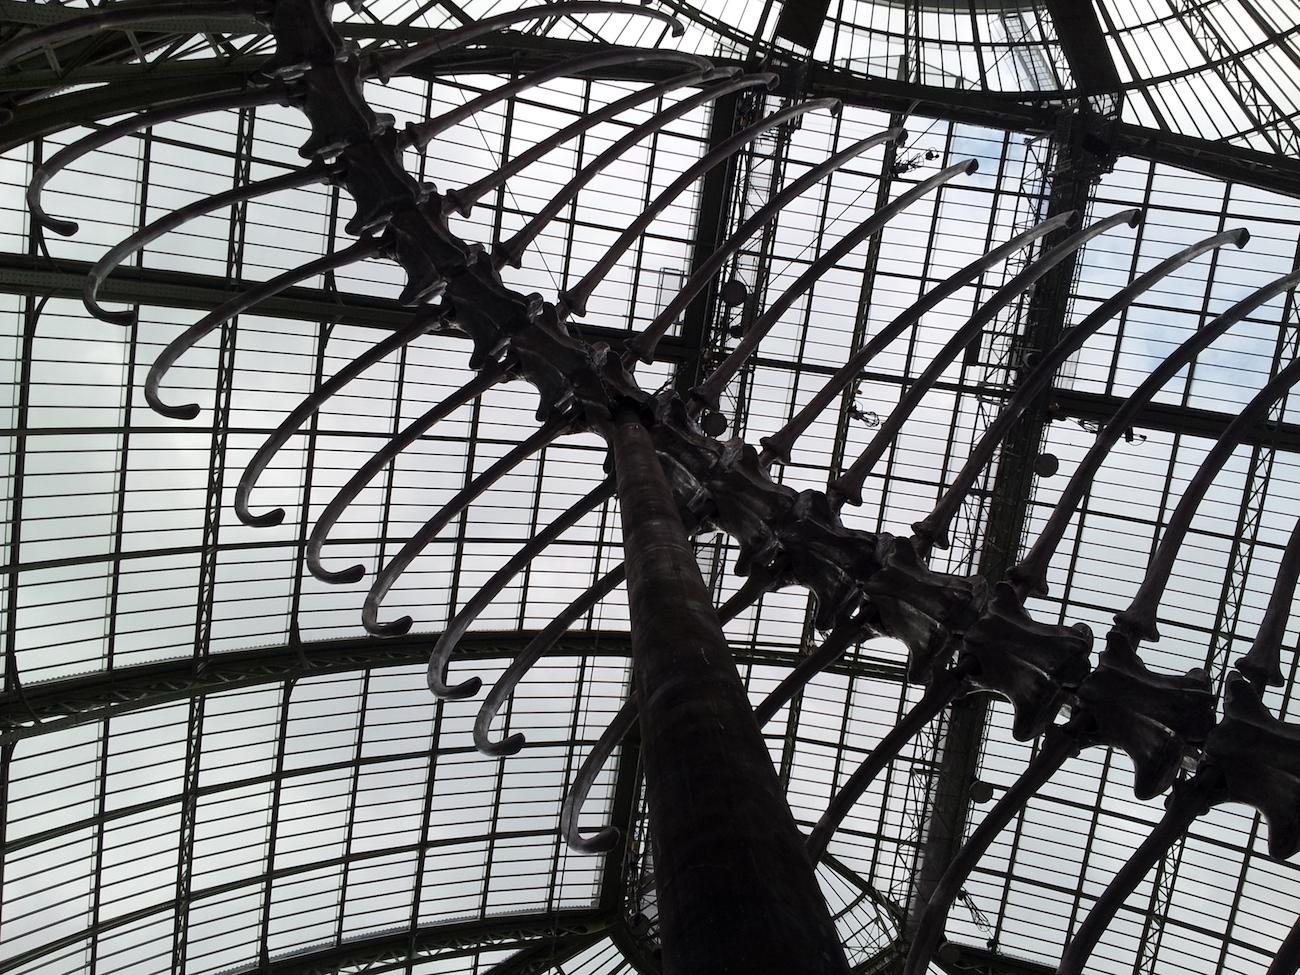 Monumenta 2016, Paris ©Electrohermit